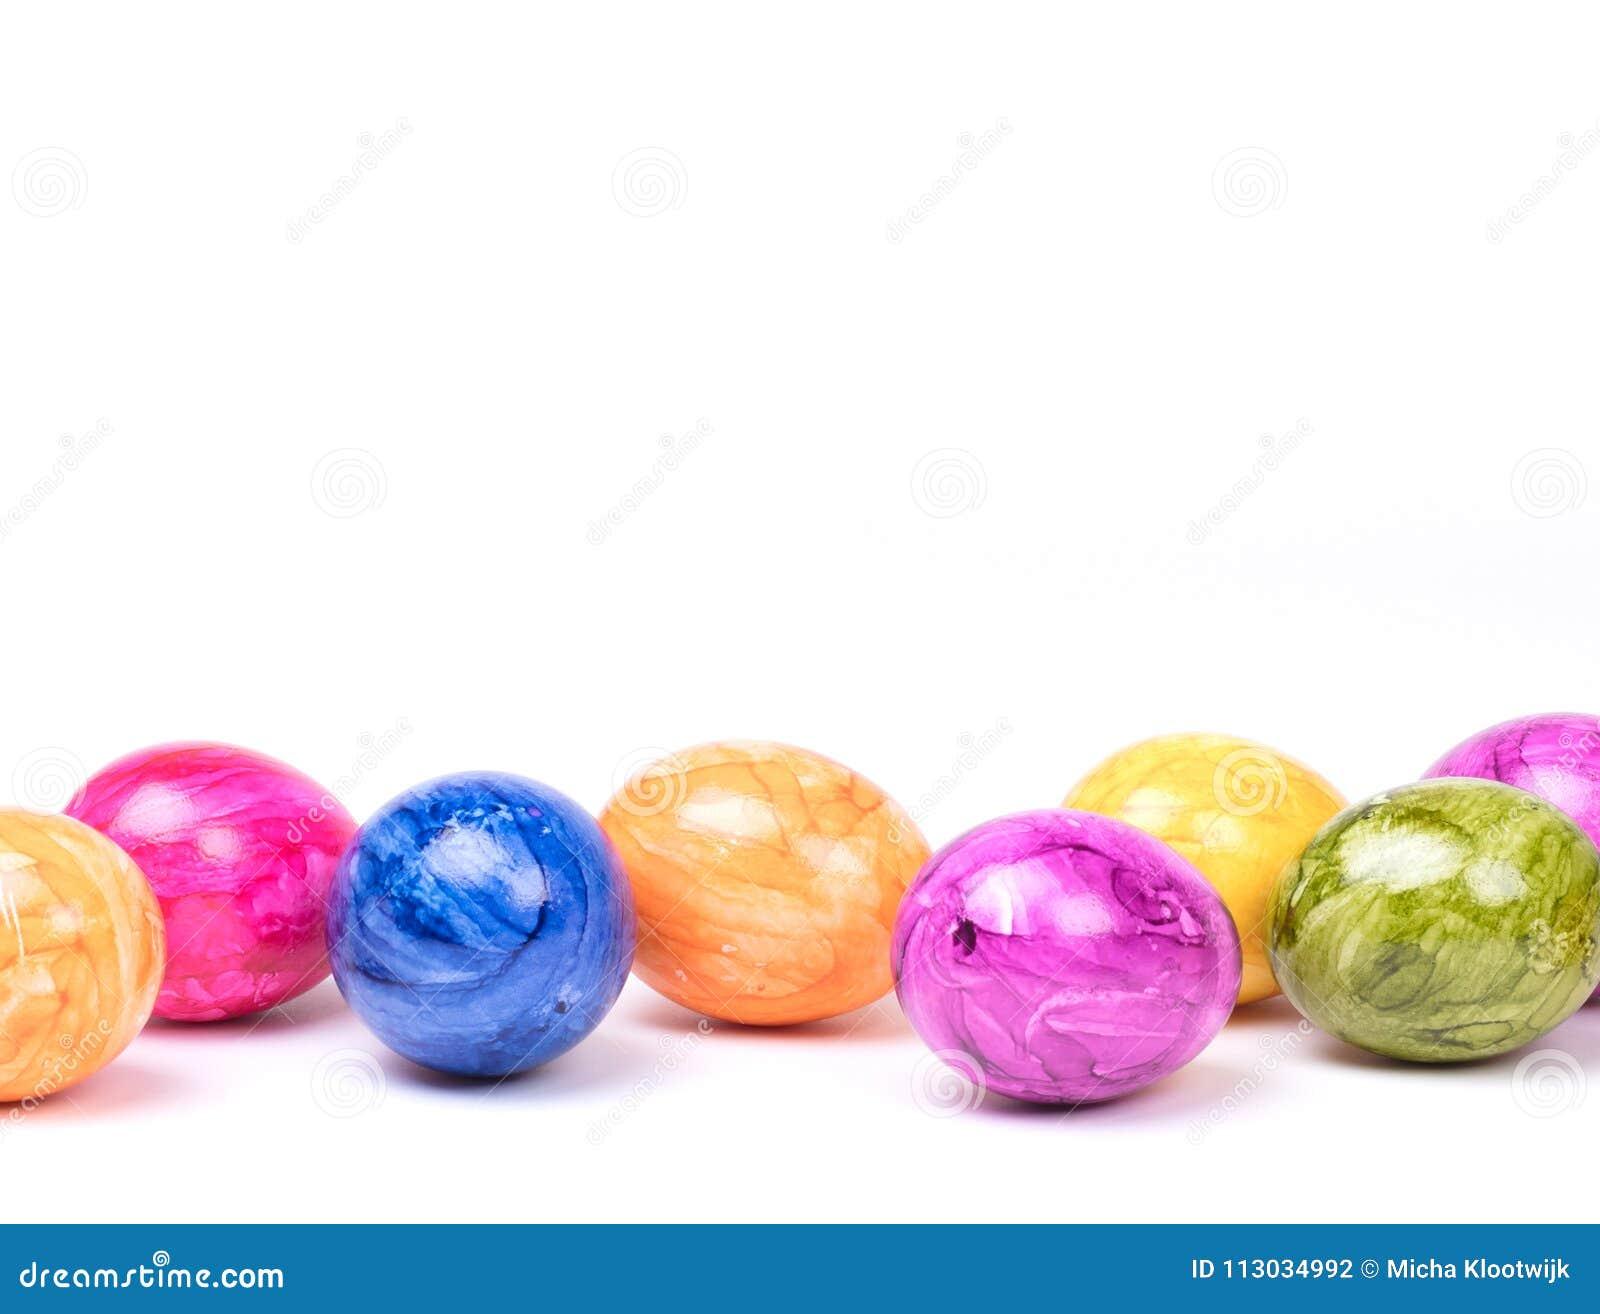 Huevos pintados, pascua